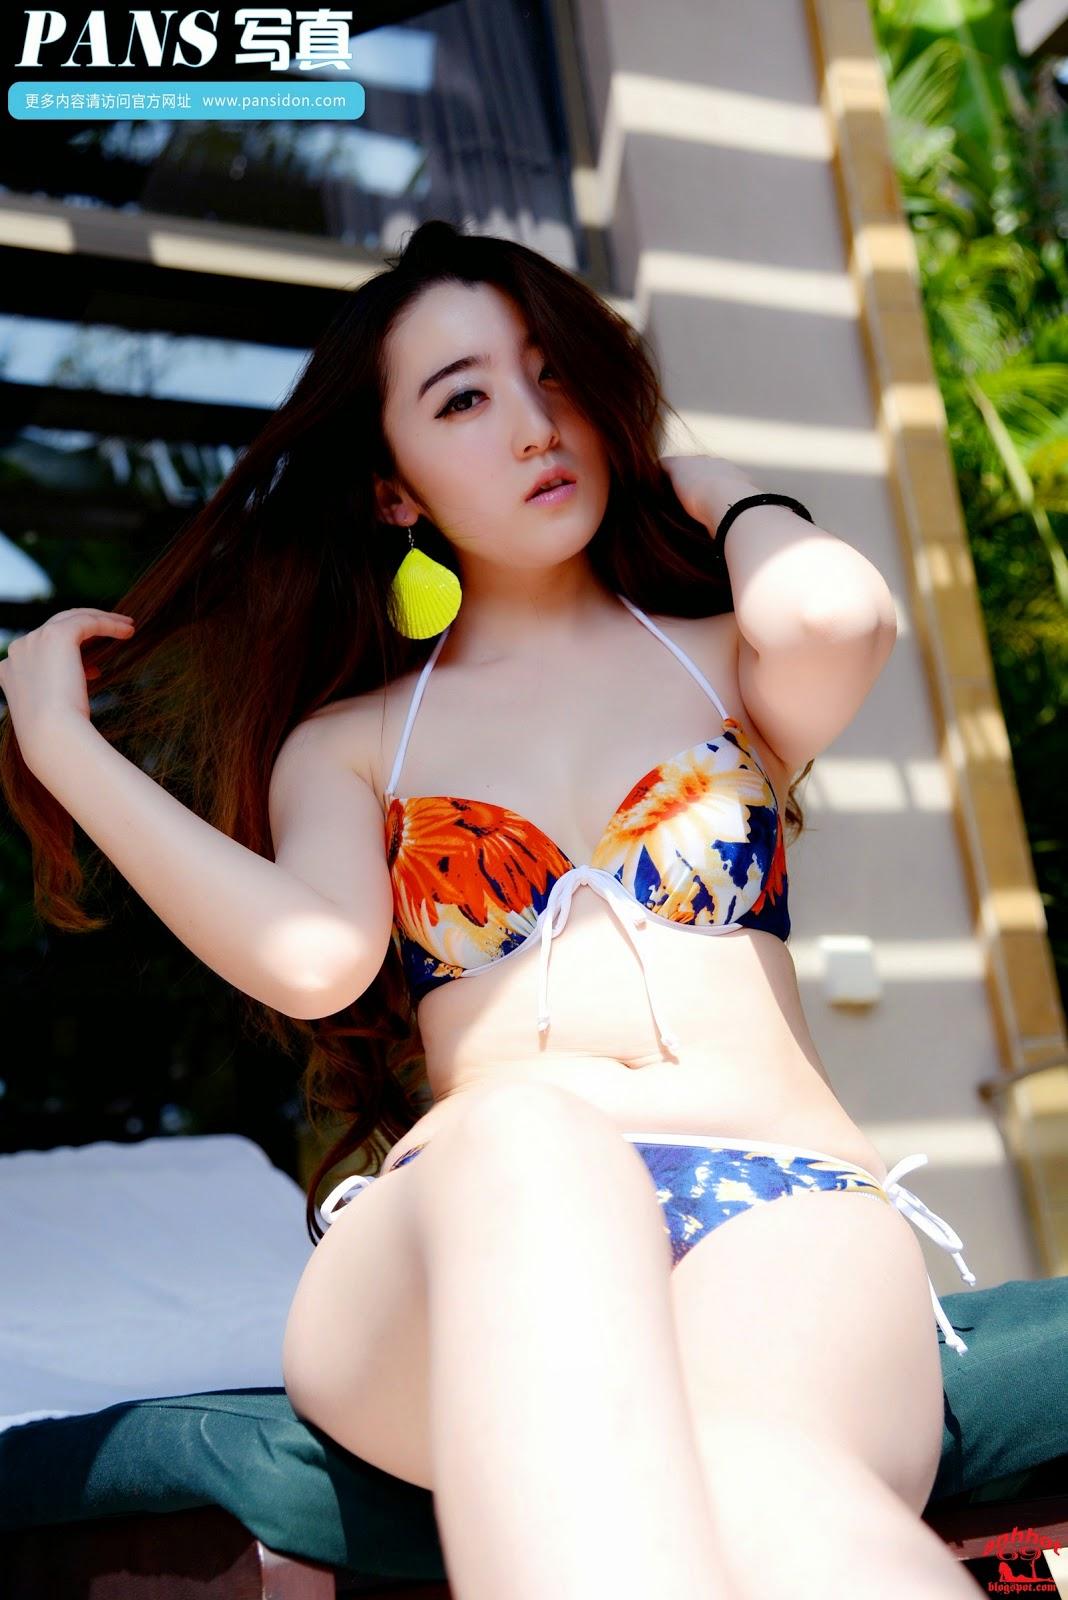 zi_xuan-pansidon-02535156